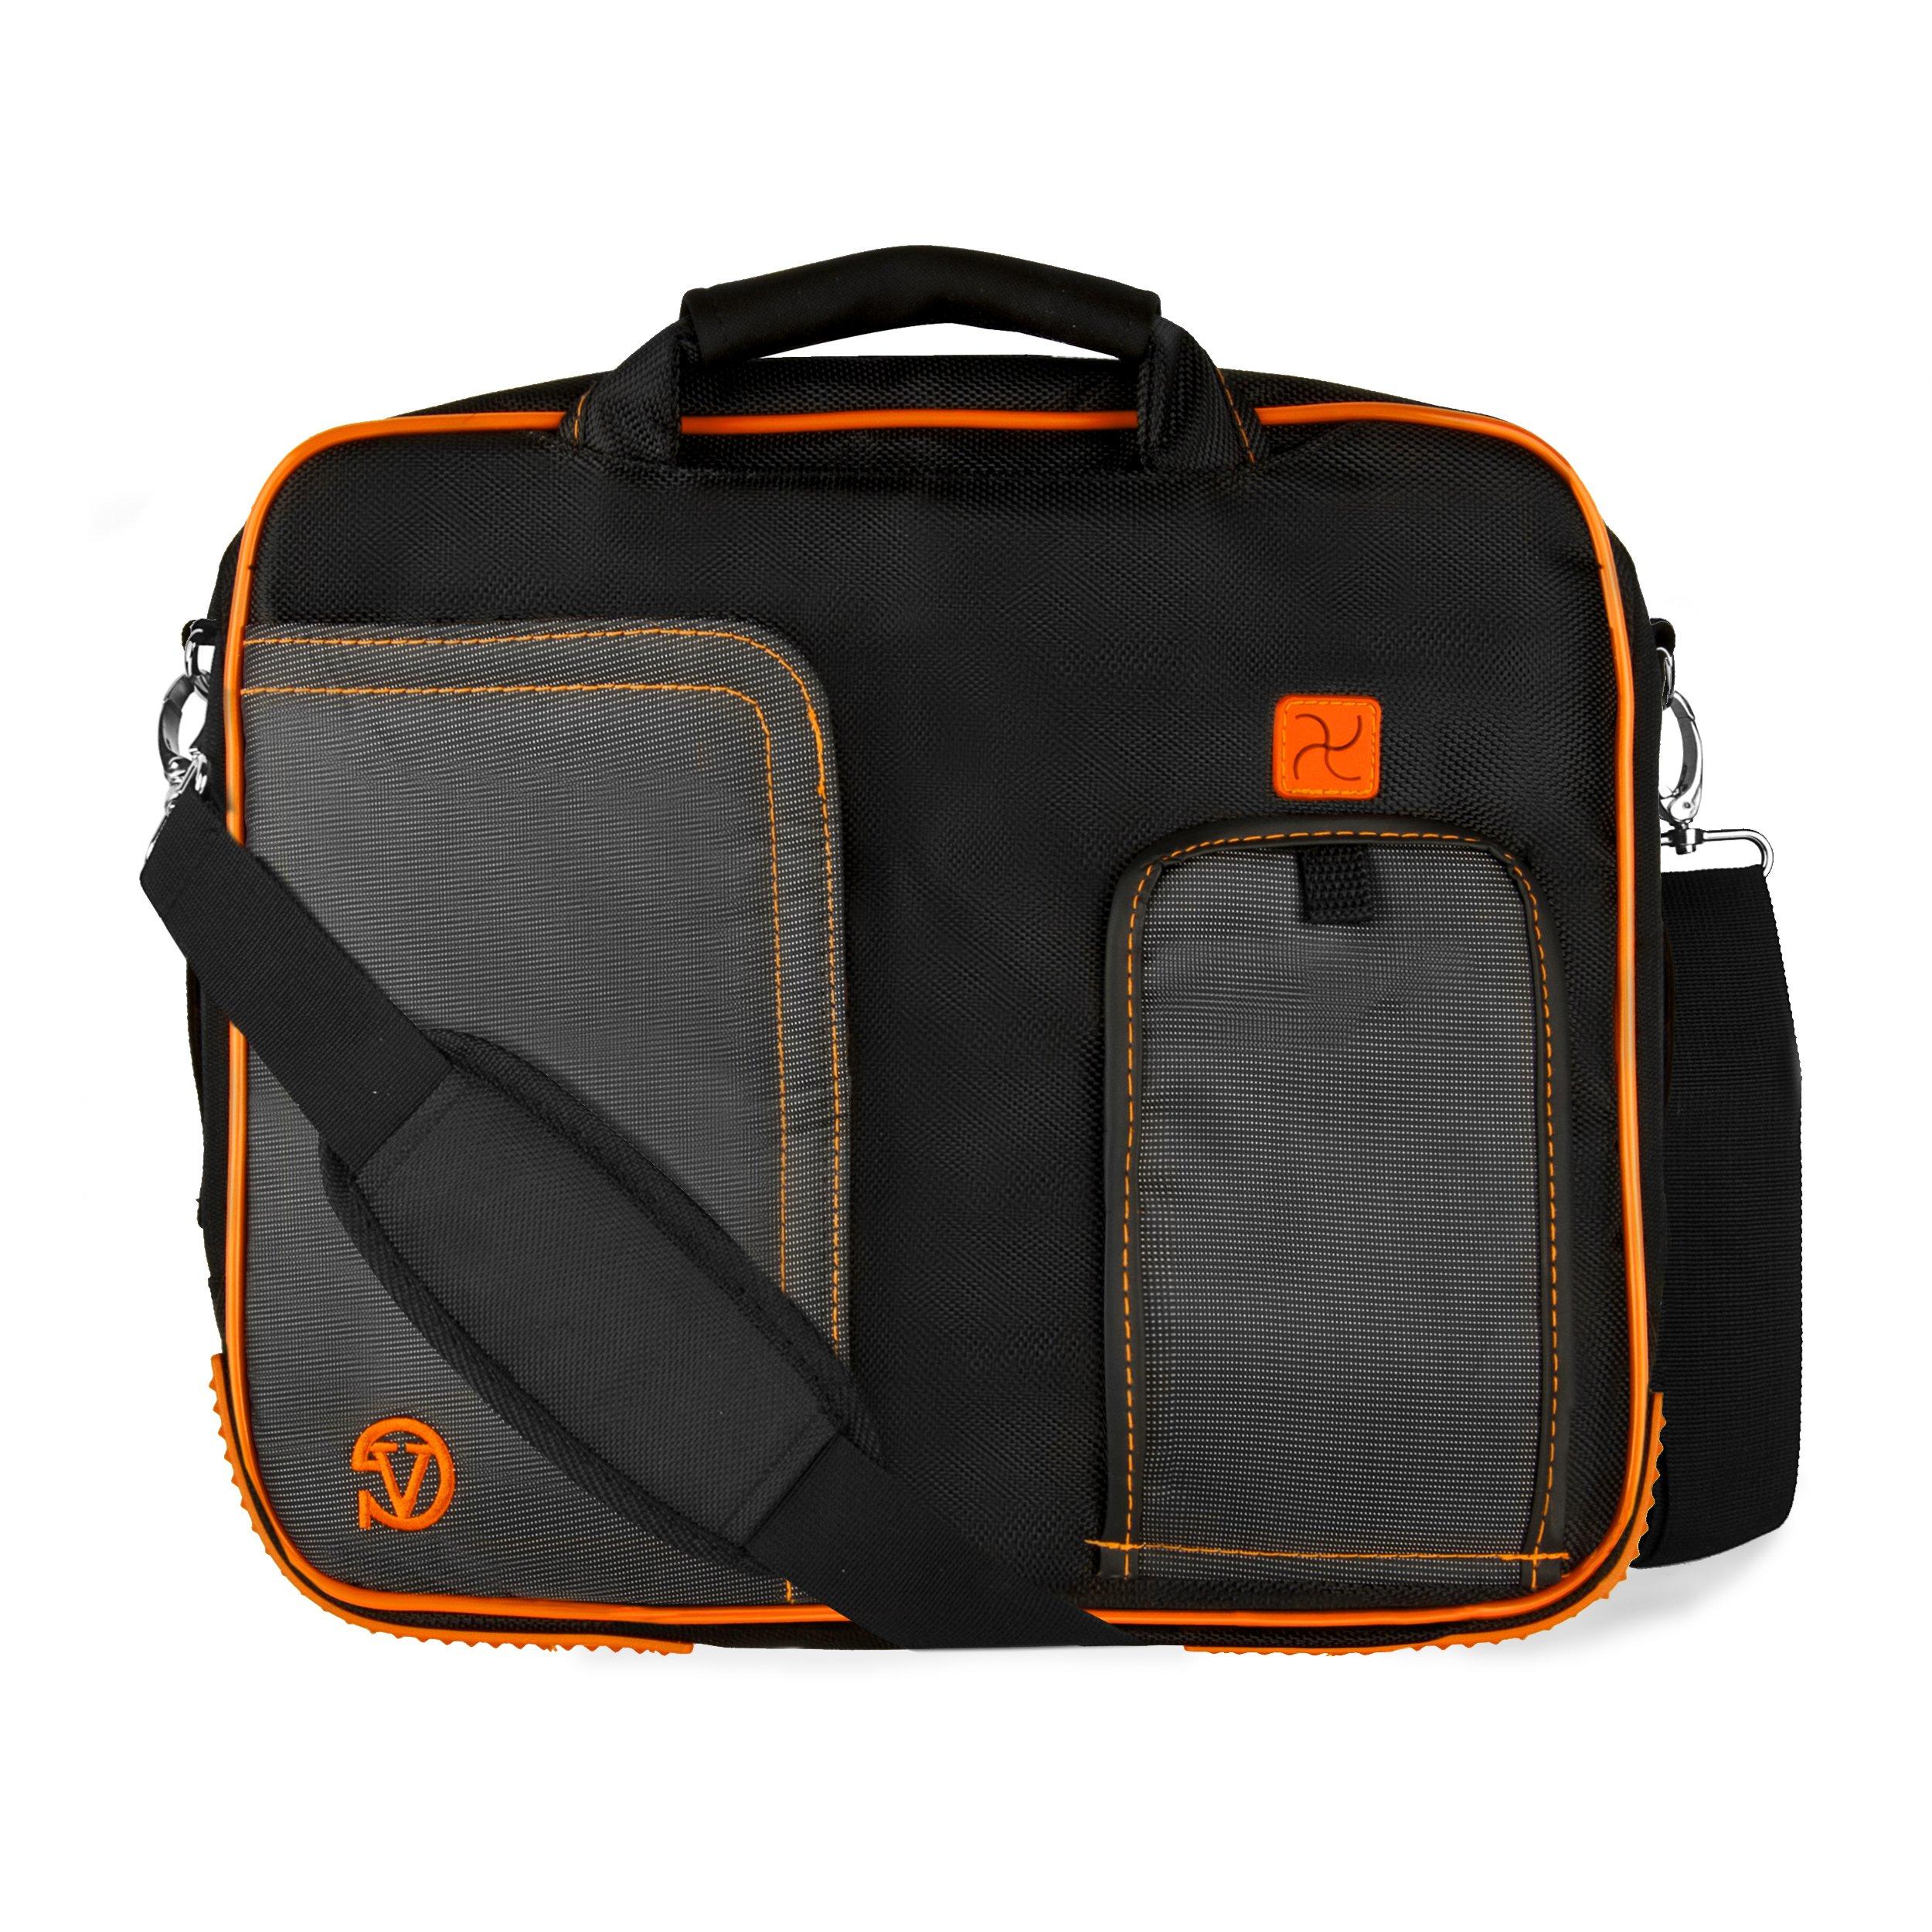 VG Pindar Messenger Bag for 10.1, 11.6, 12.1 inch